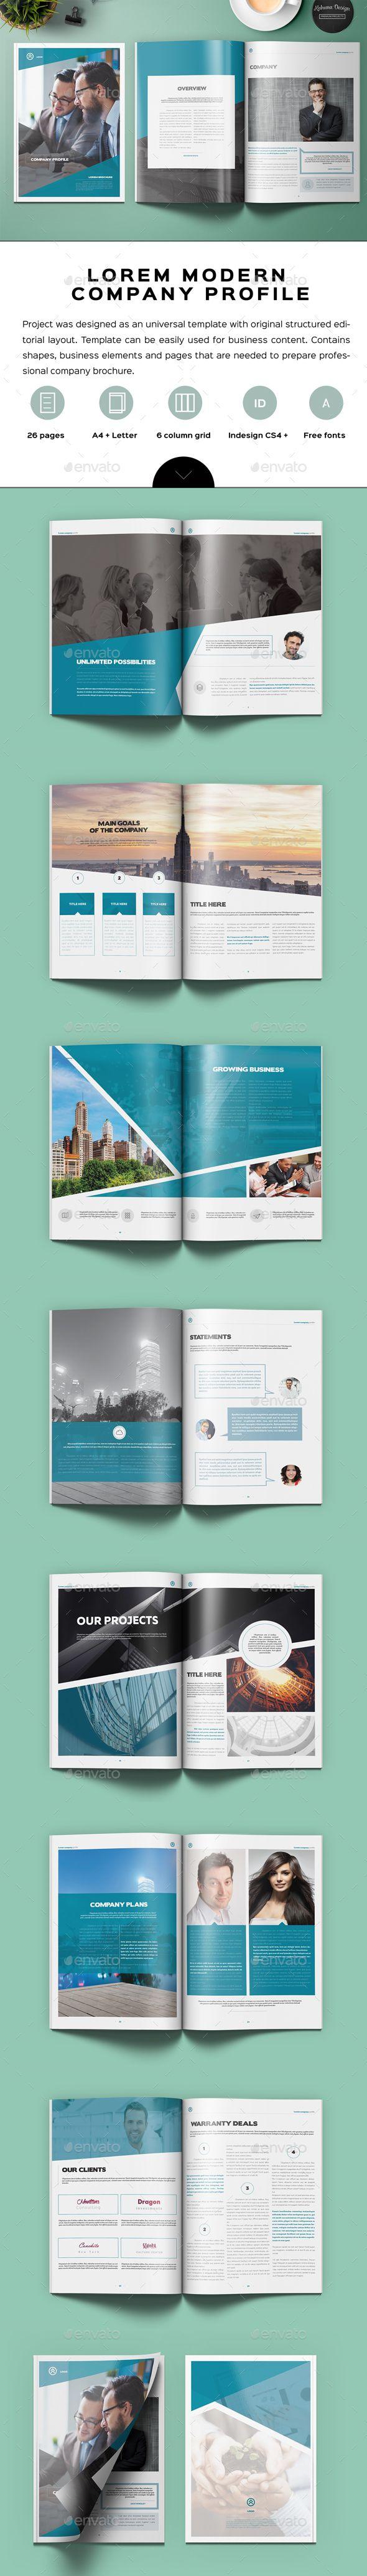 Lorem Company Profile | Company profile, Indesign templates and Profile